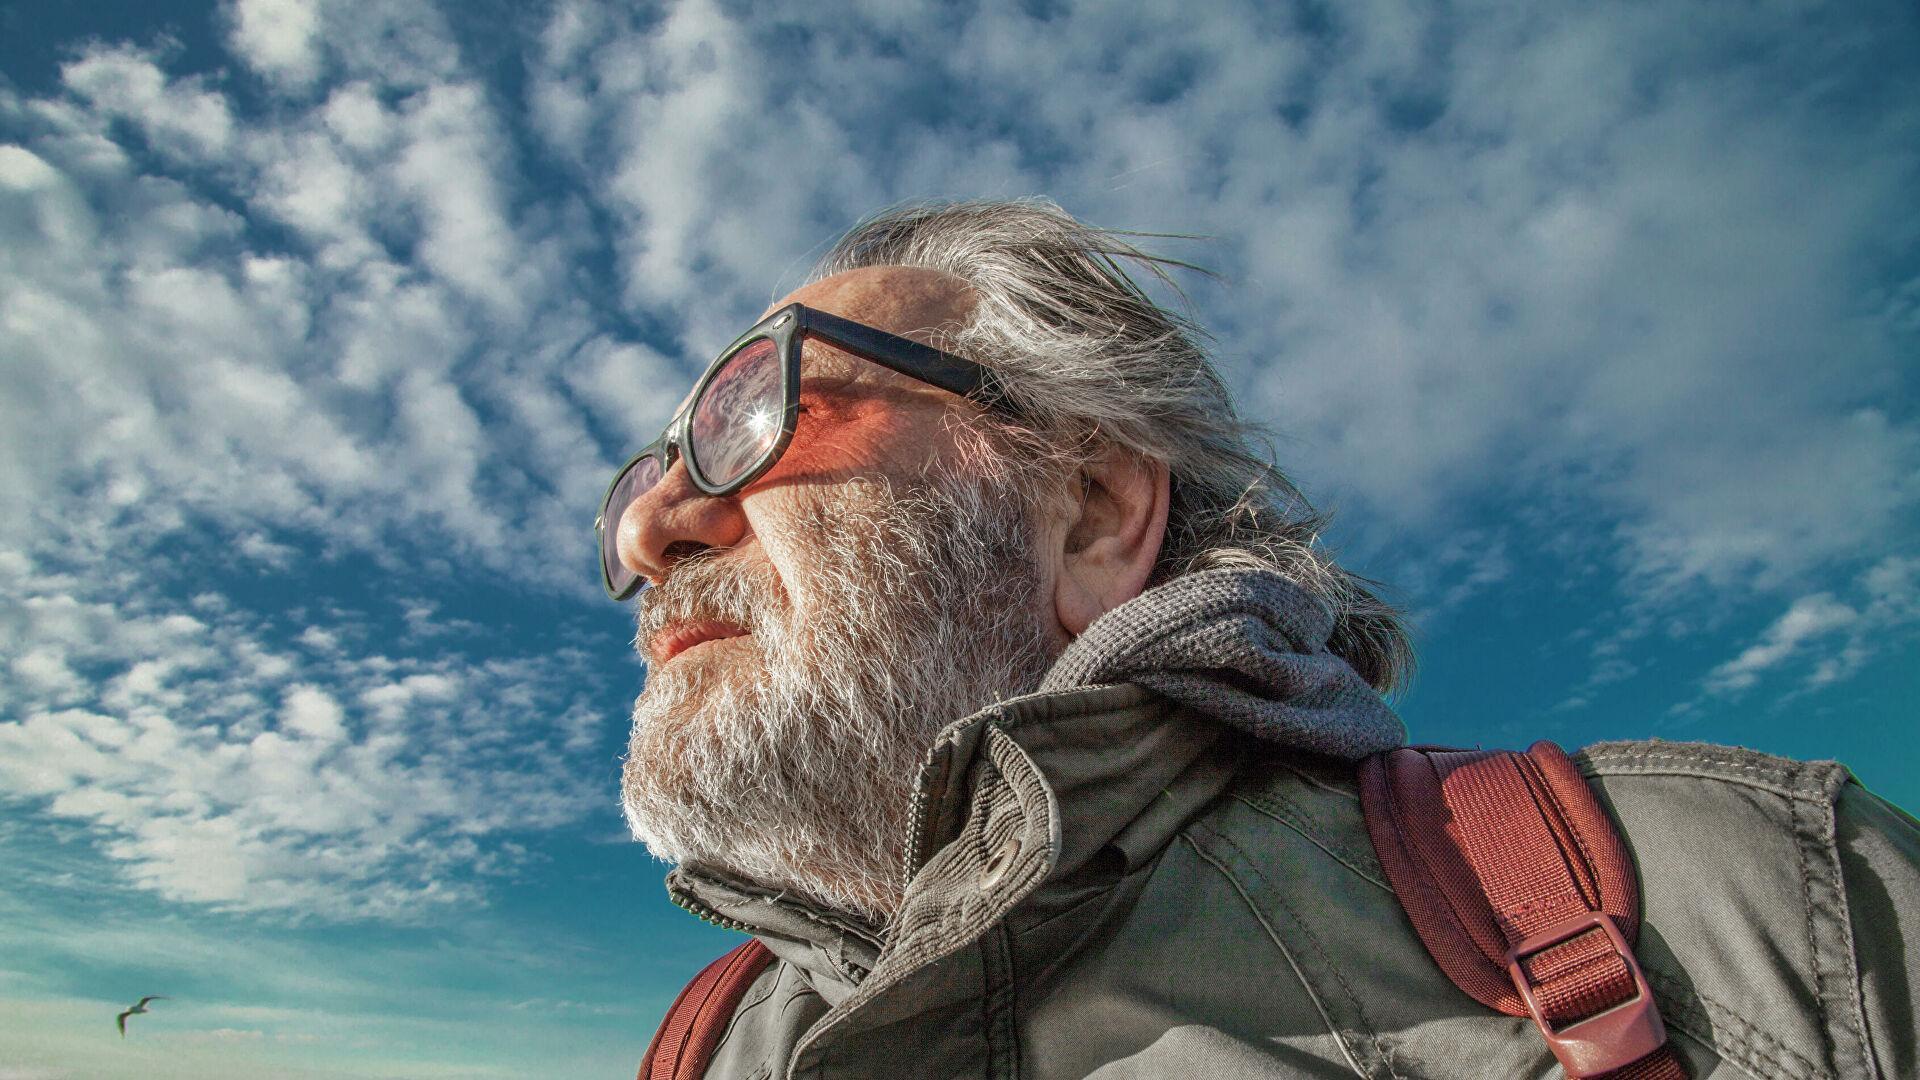 Пожилые люди стали сильнее и умнее, чем 30 лет назад